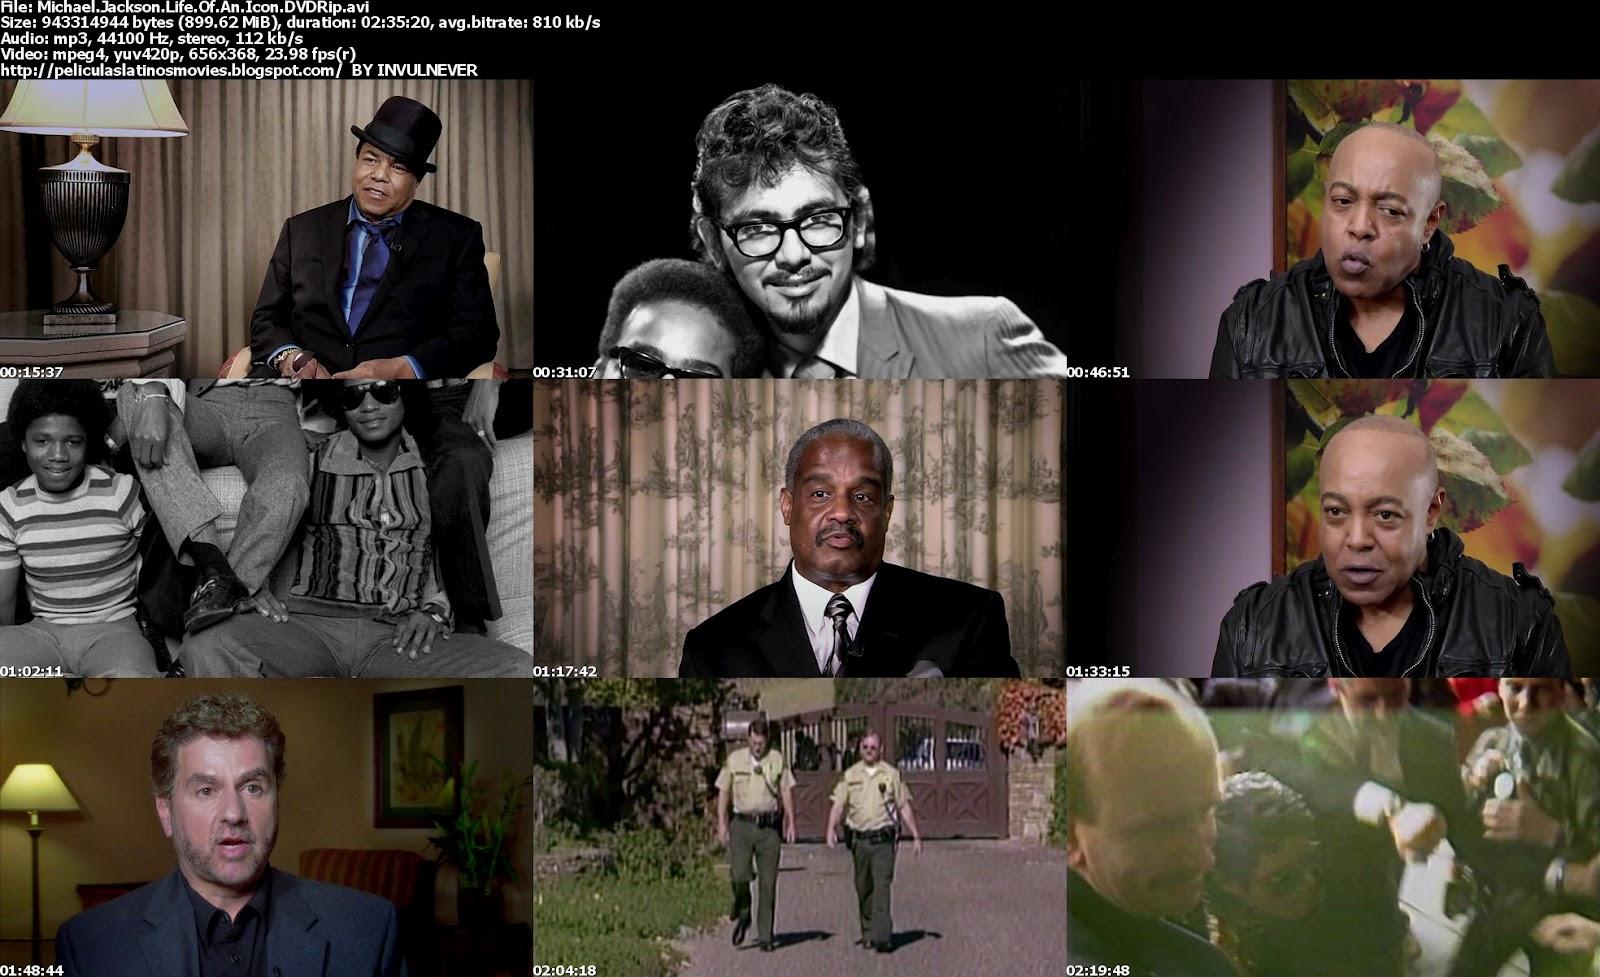 http://3.bp.blogspot.com/-q2p3r5KShXU/UFV_5LcvdtI/AAAAAAAADAQ/kjmJgxJn1S8/s1600/Michael.Jackson.Life.Of.An.Icon.DVDRip_s.jpg